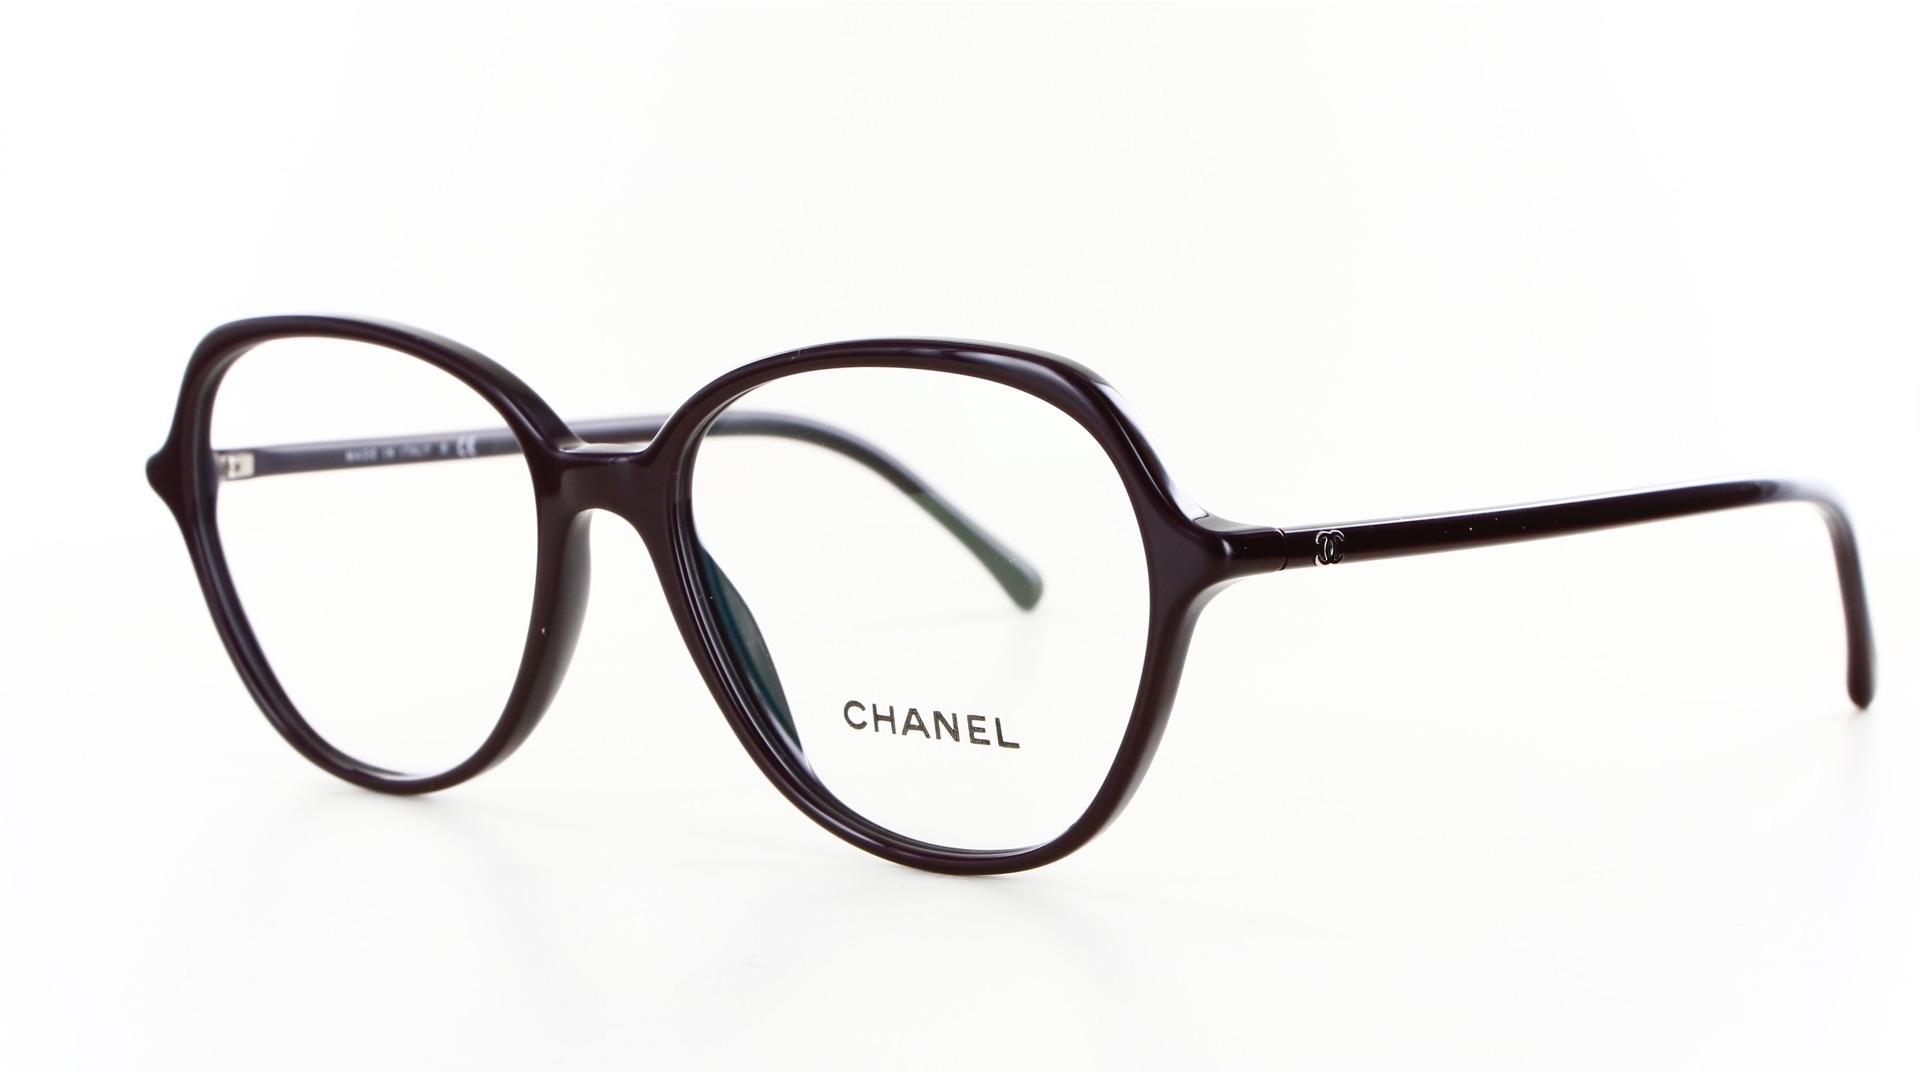 Chanel - ref: 76701